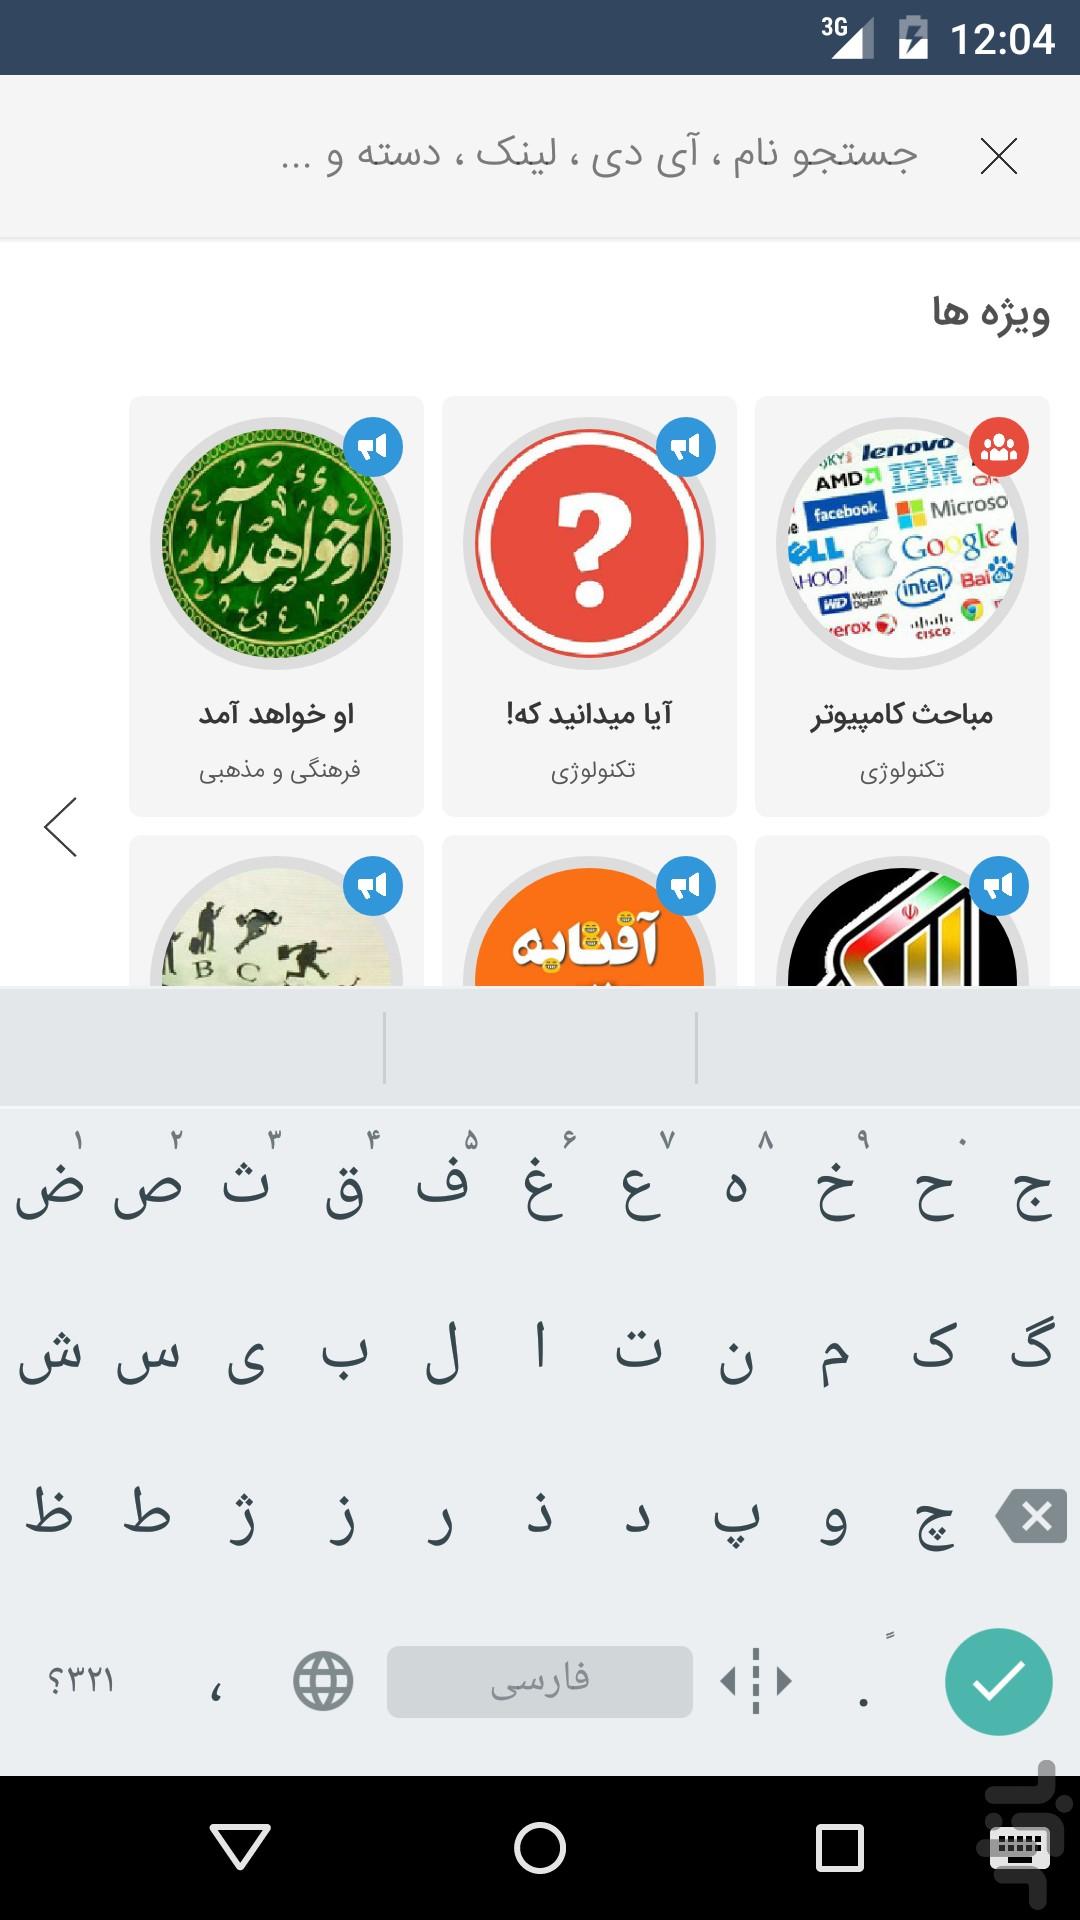 Скачать گروه ضد اسپم تلگرام APK 1.1 для Андроид - другое скачать бесплатно